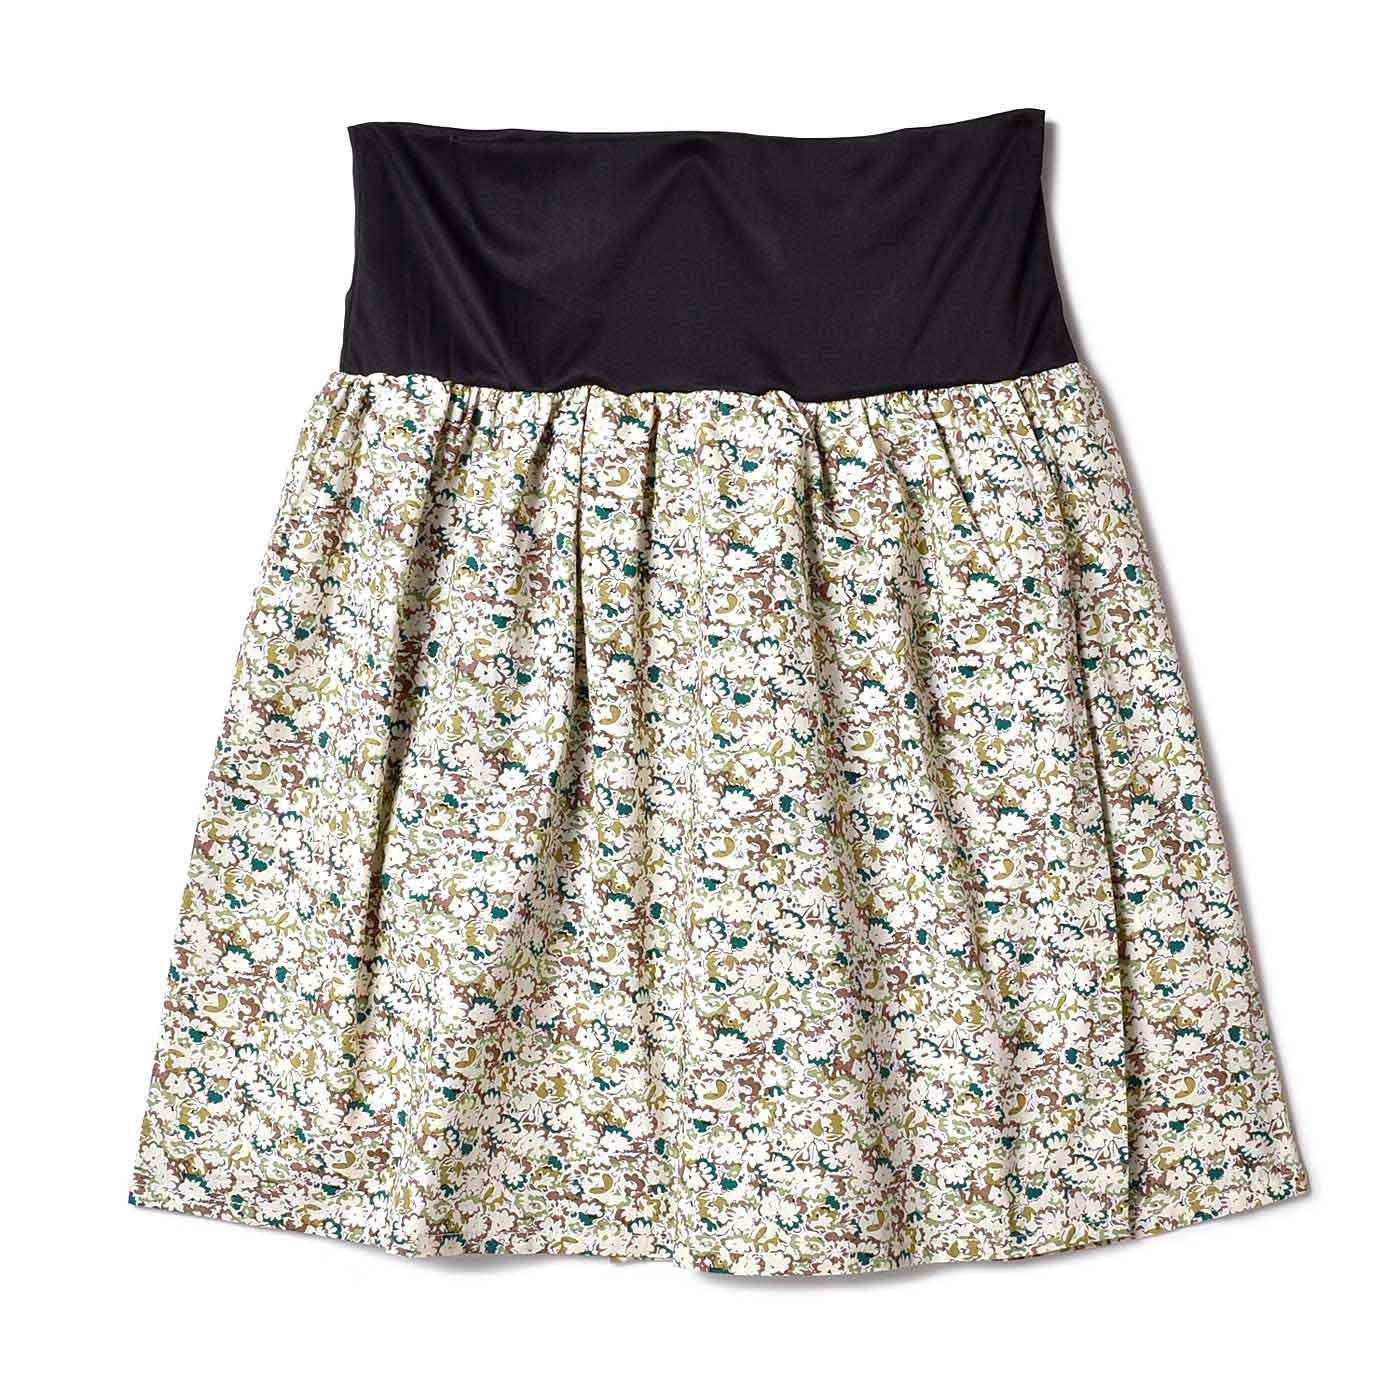 フェリシモ おなかフィッター内蔵 花柄ラップスカート〈12〉